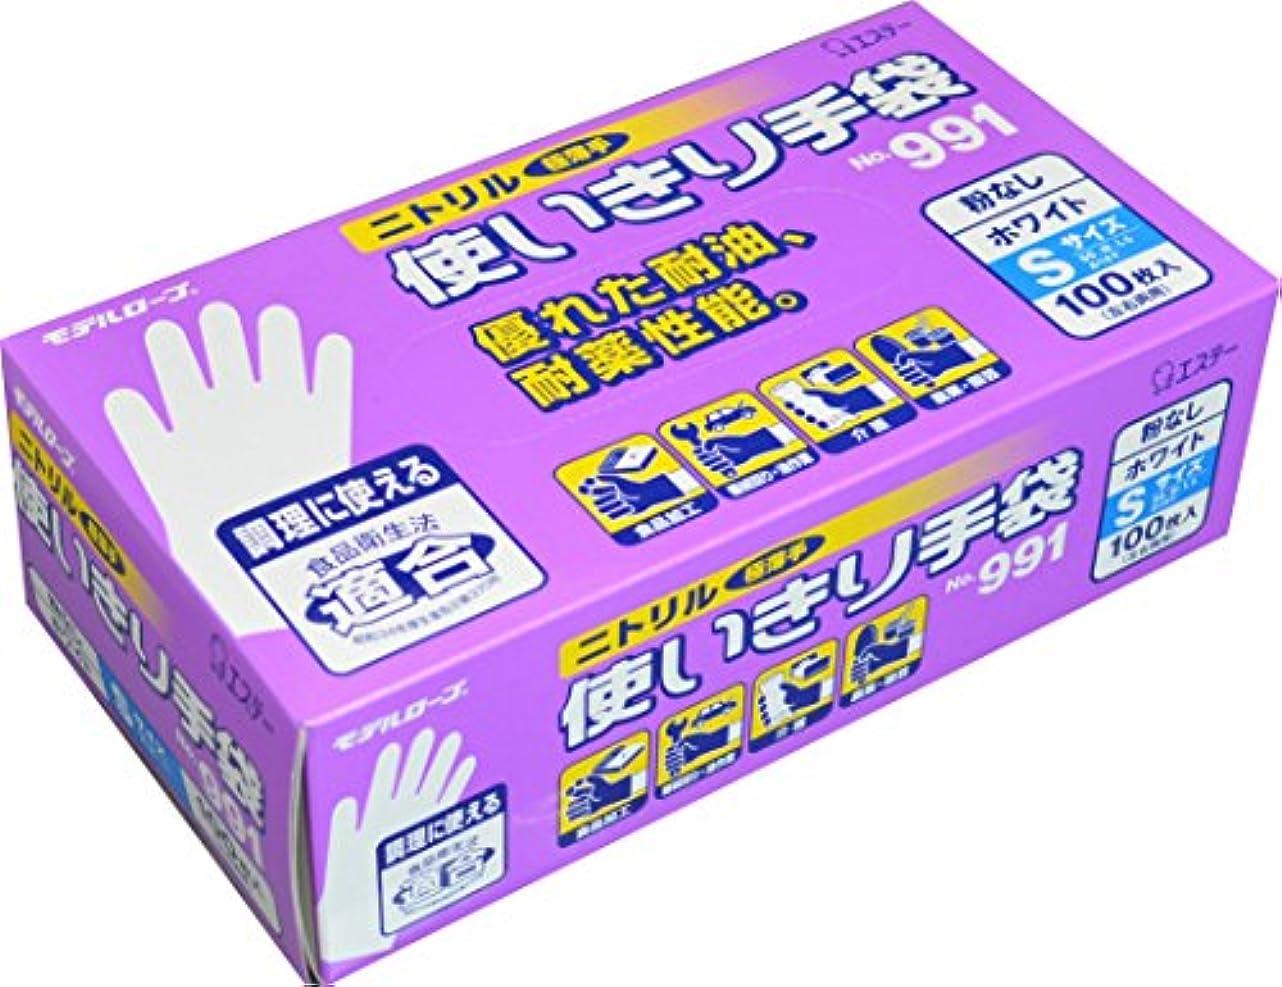 モデルローブ NO991 ニトリル使い切り手袋 100枚 ホワイト S